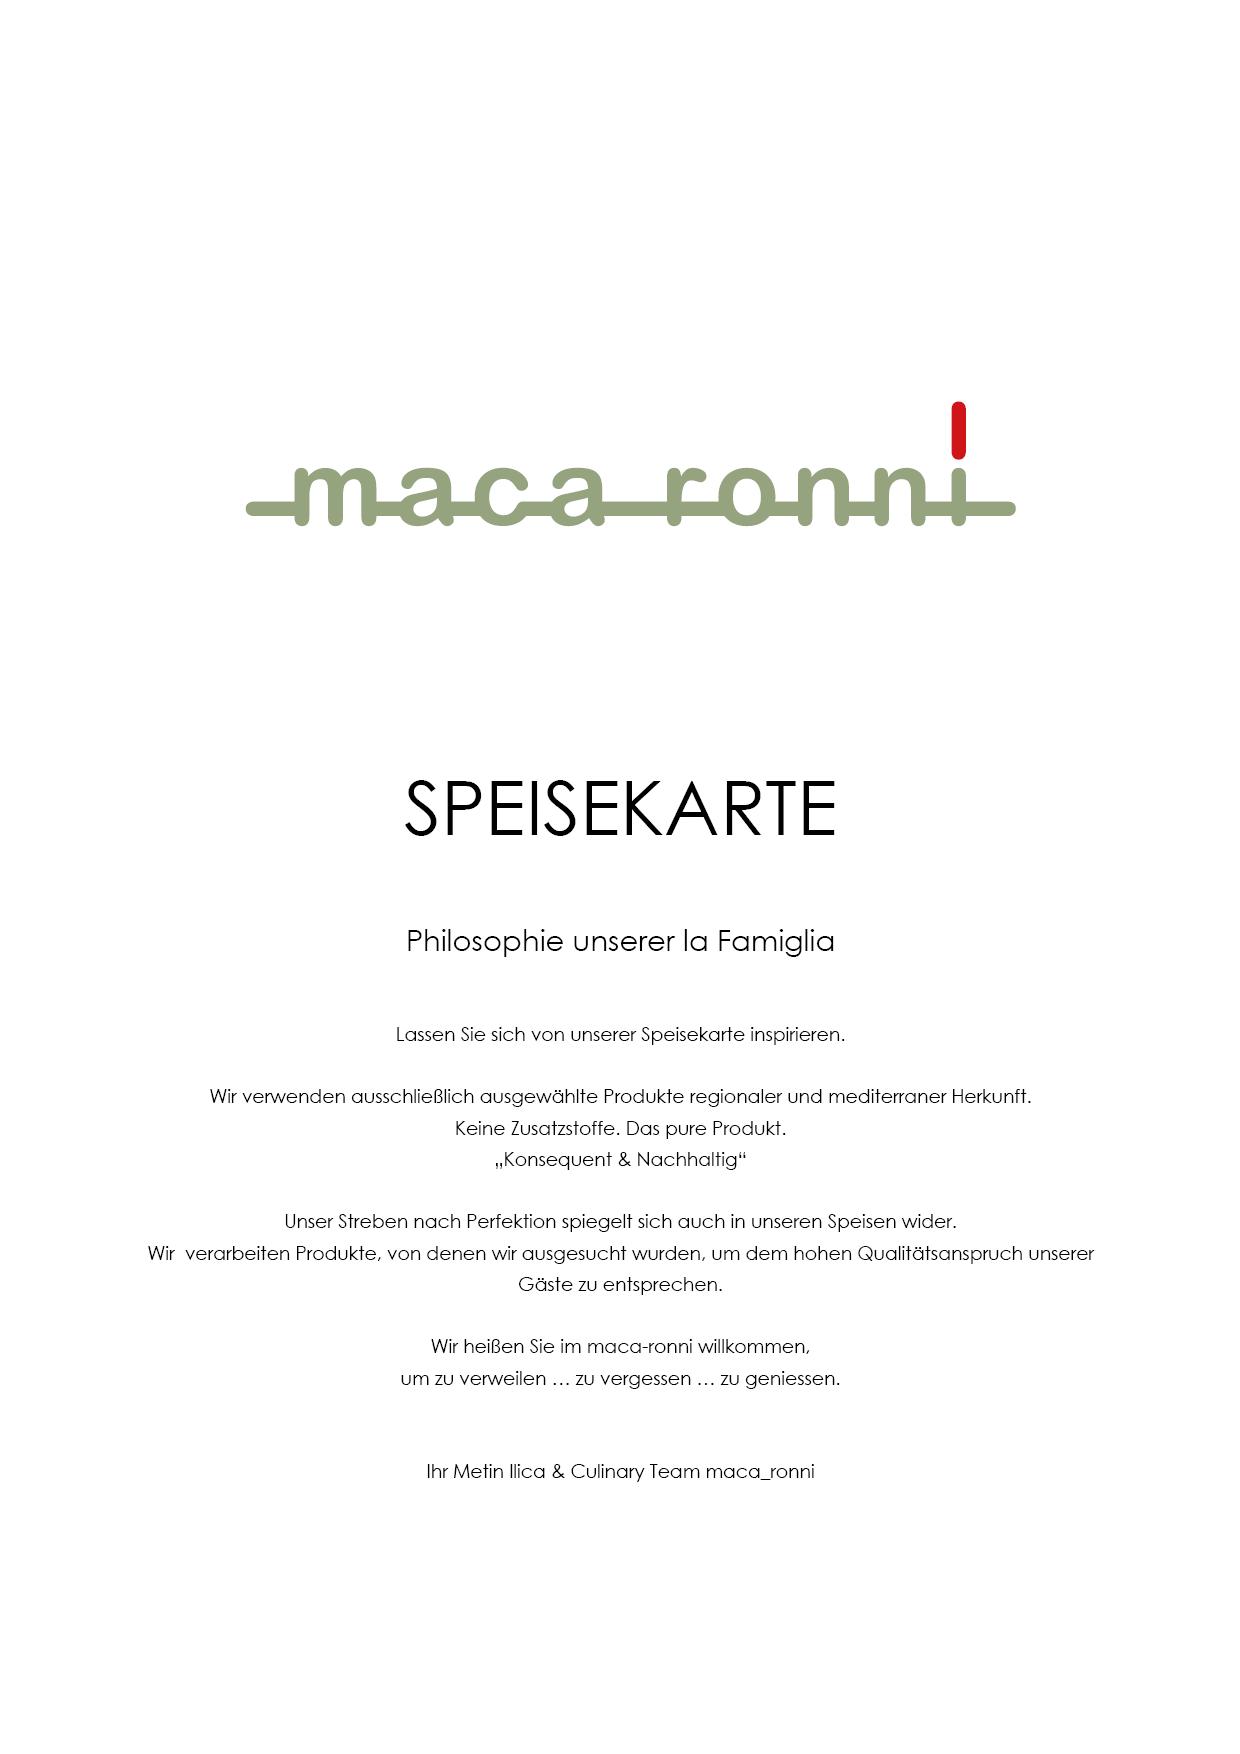 Mediterran Bedeutung home | maca_ronni restaurant - mediterrane küche - fine dining